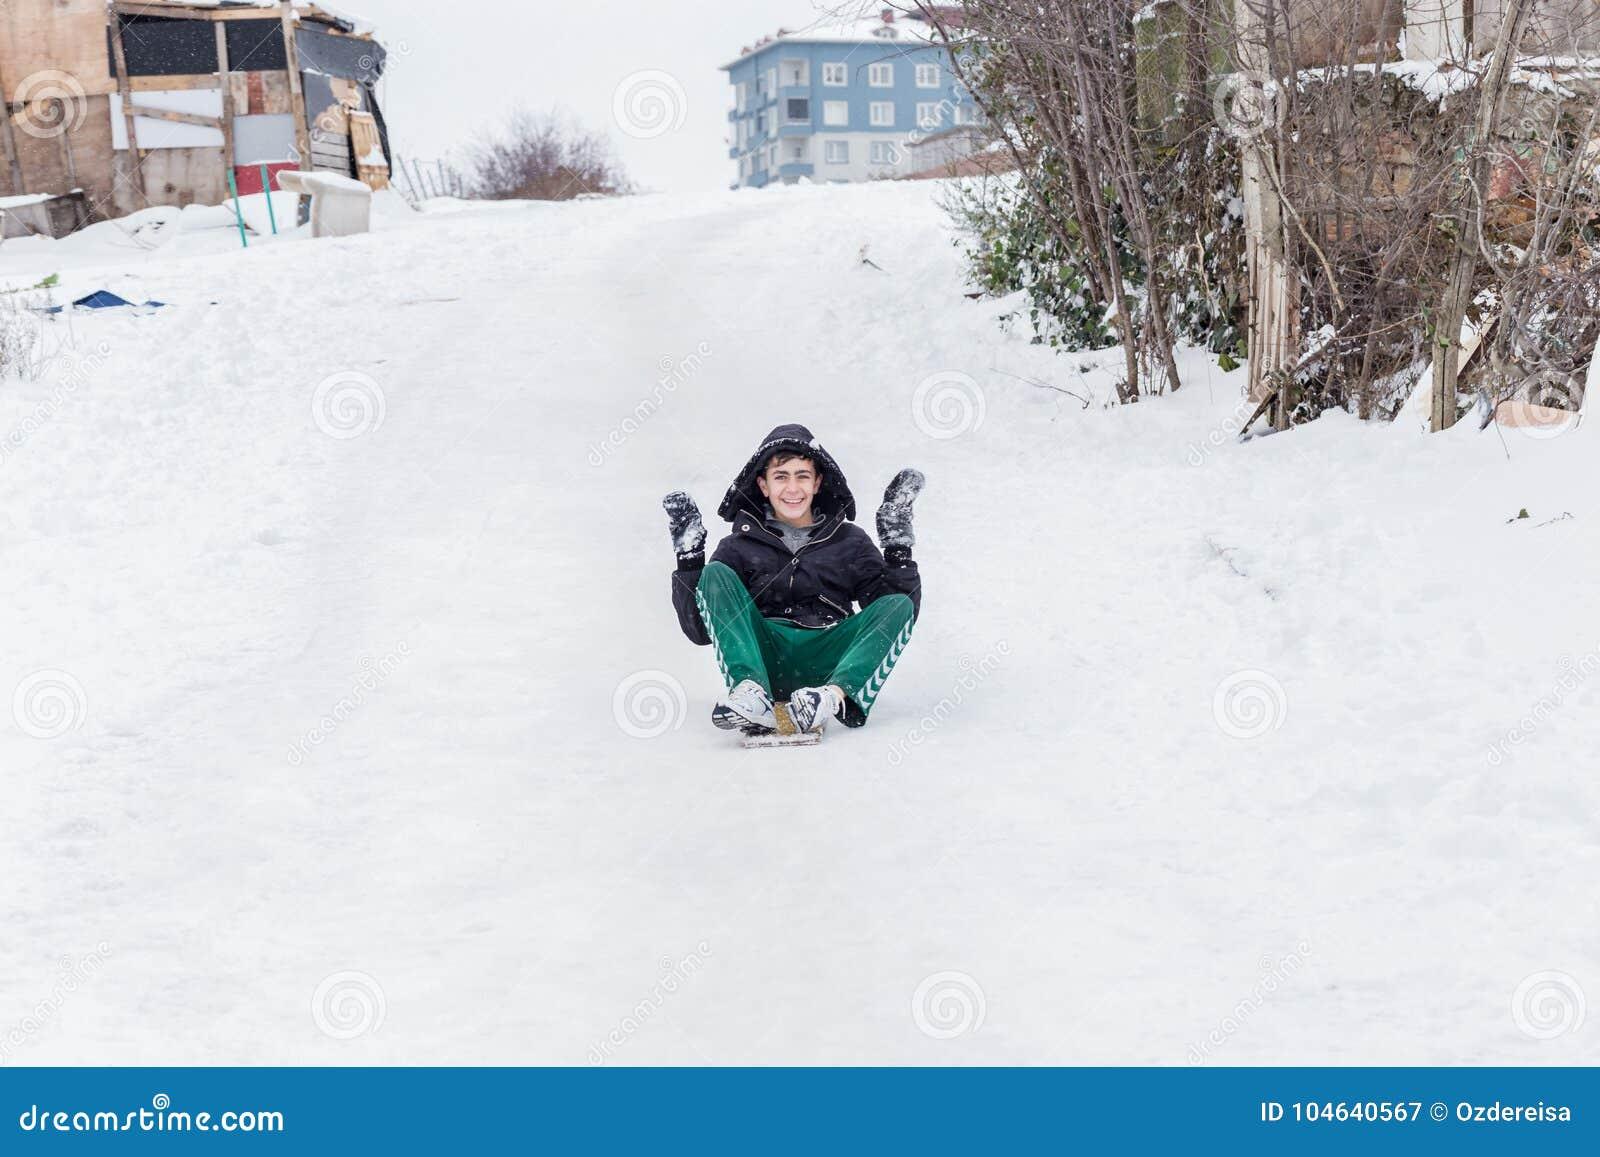 Download De Kinderen Glijden Op Sneeuw In Oude Schoolstijl Met Hardhout Redactionele Fotografie - Afbeelding bestaande uit buiten, hemel: 104640567